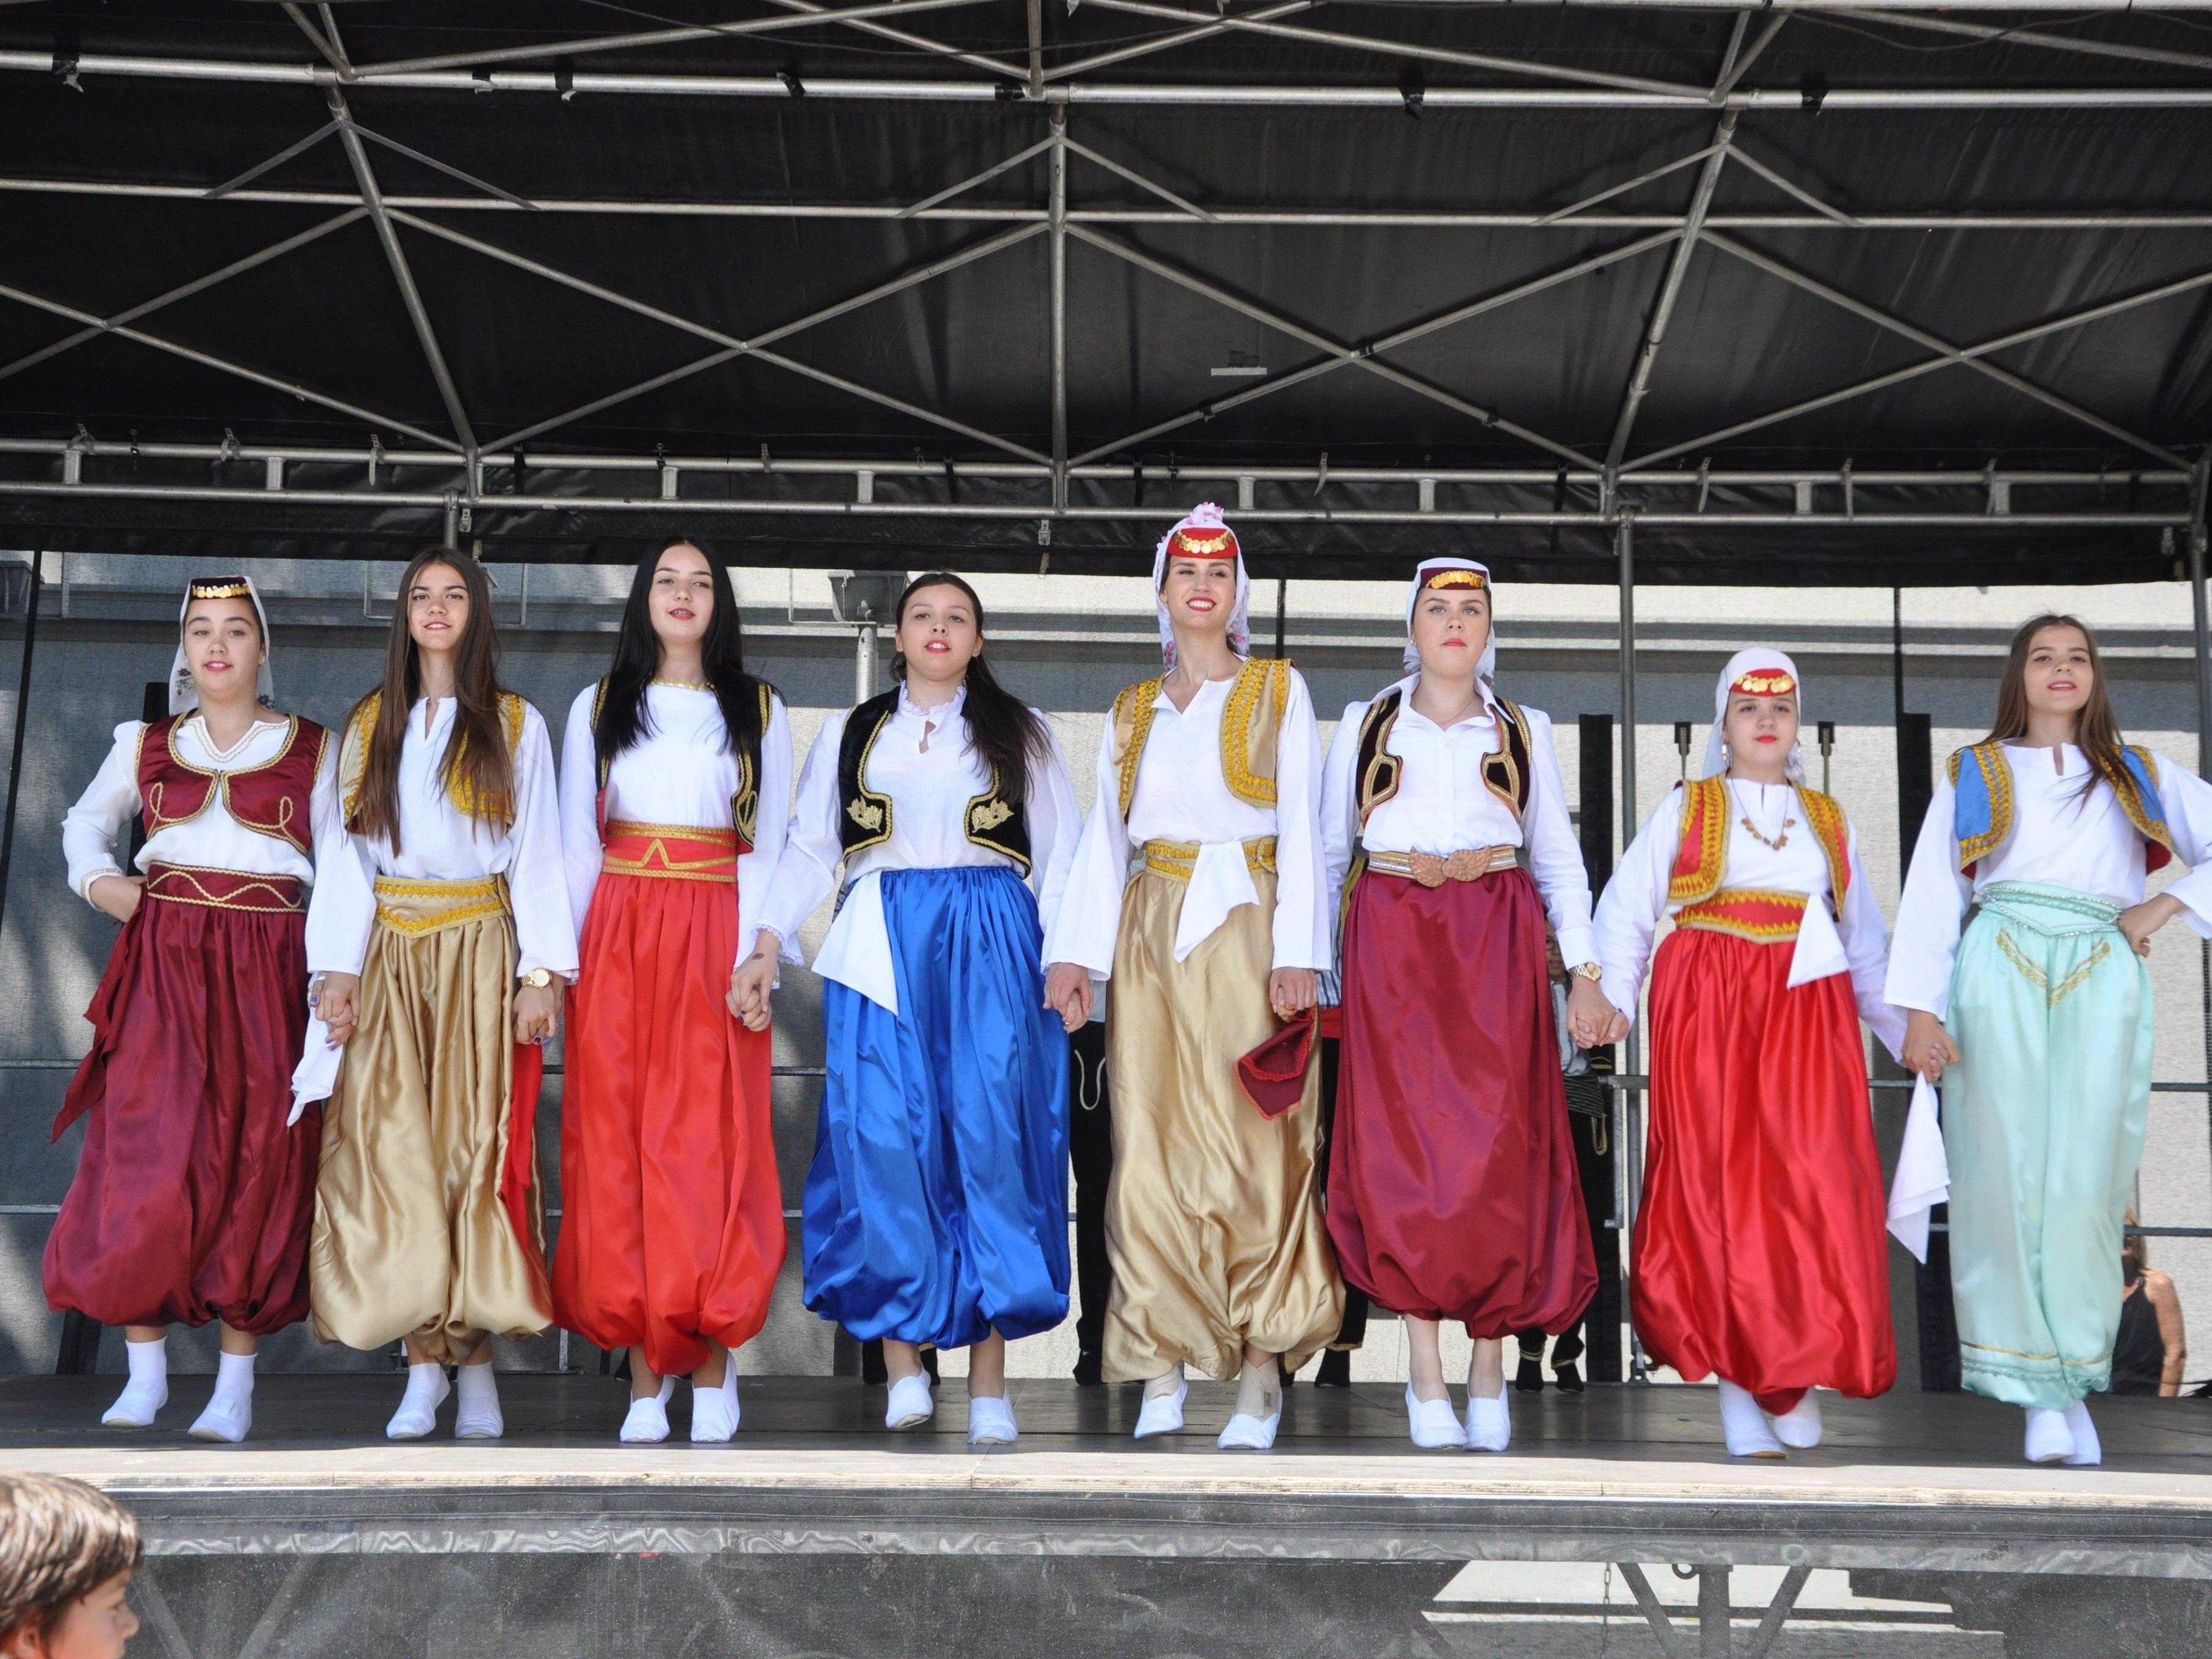 Ein absolutes Highlight, das Fest der Kulturen auf dem Rankweiler Marktplatz.